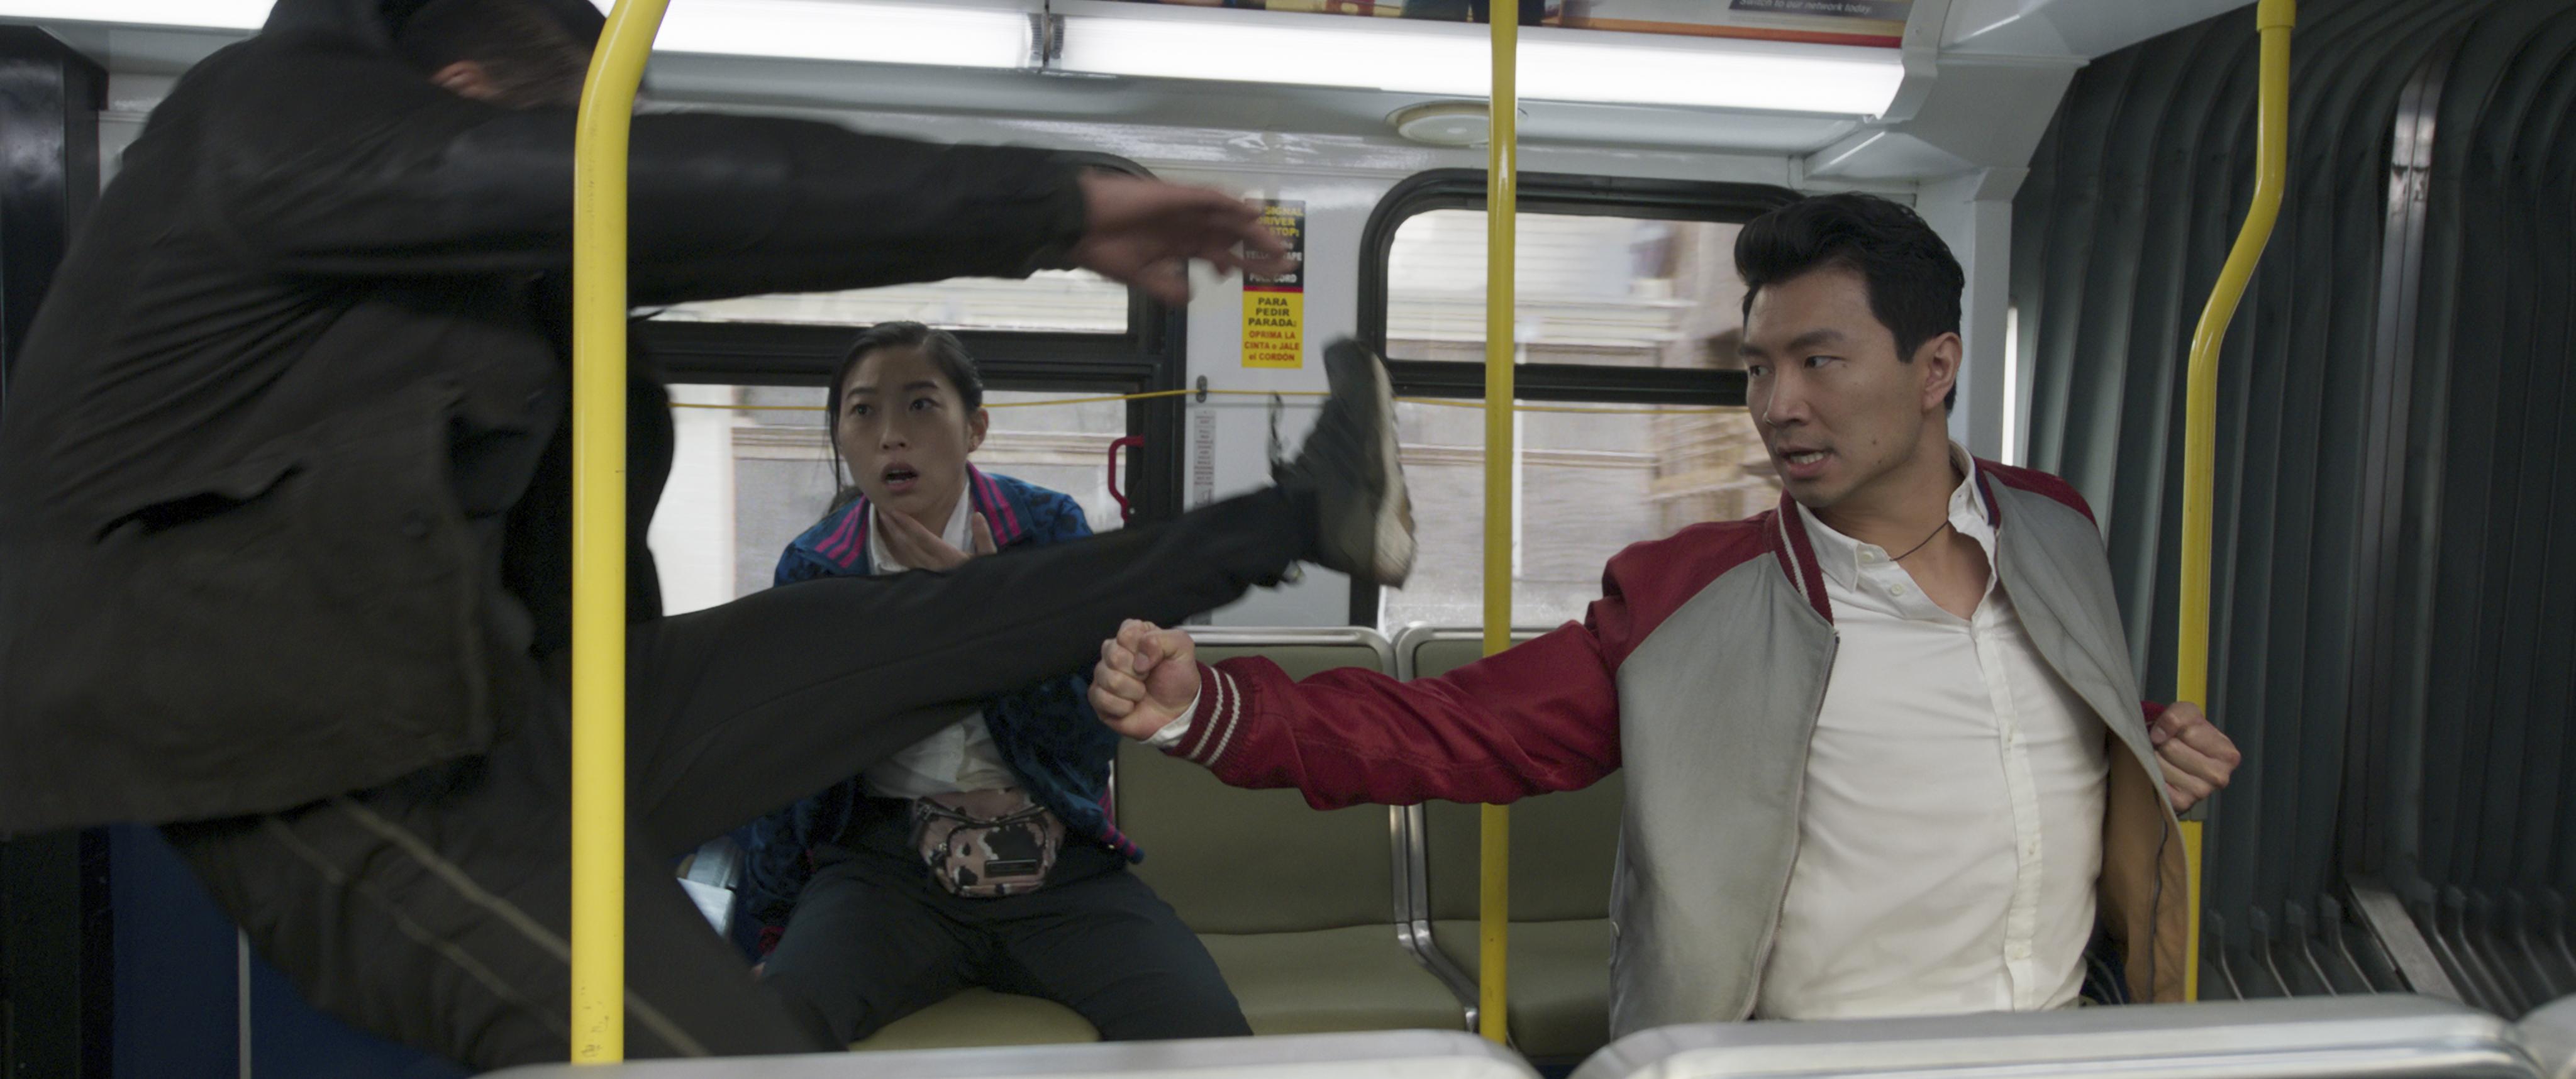 shang-chi lutando em um onibus